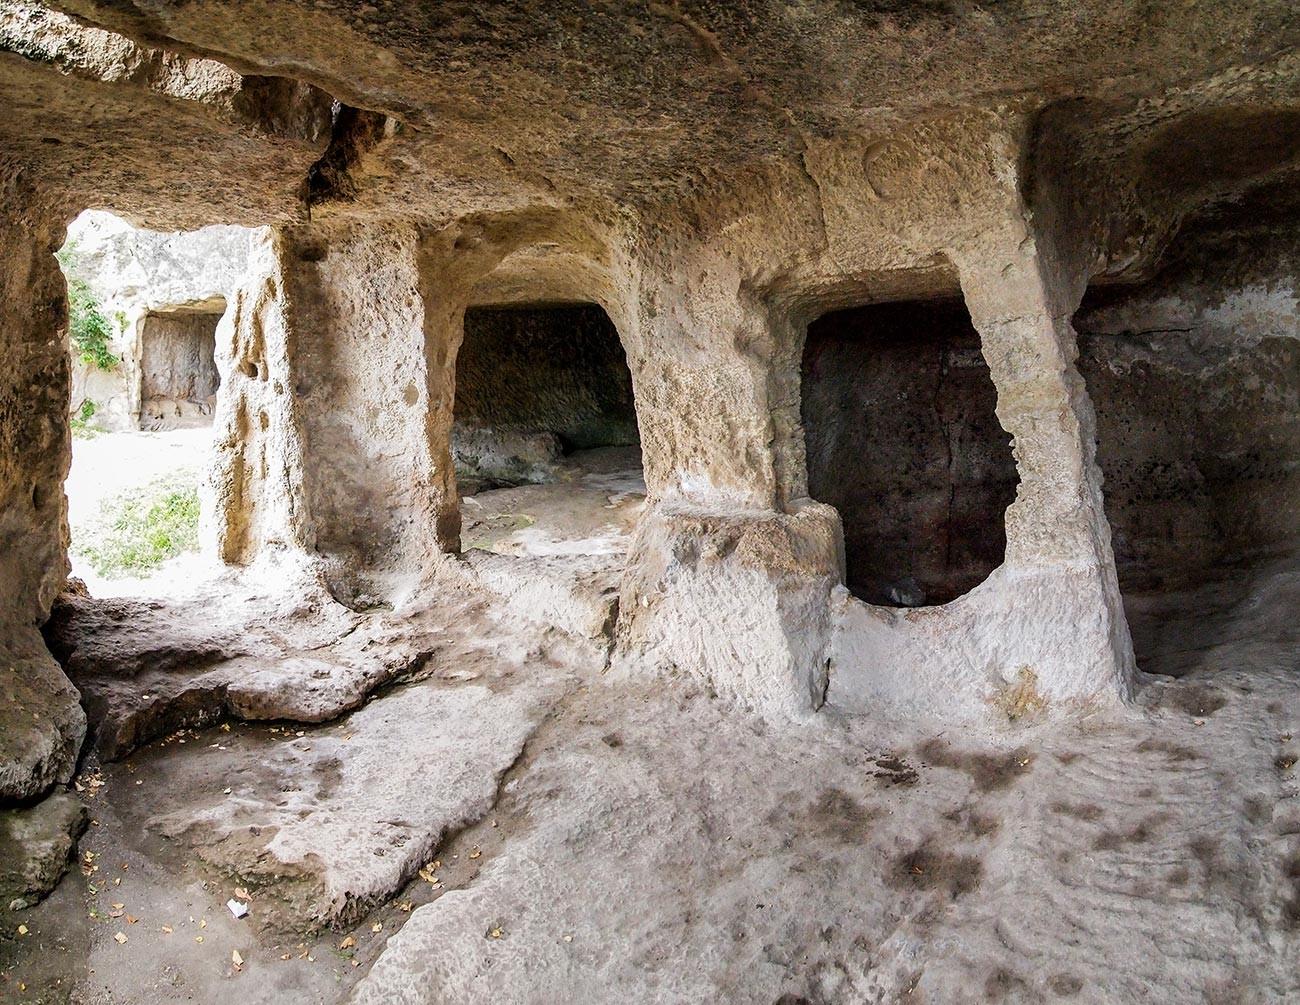 Chufut Kale cave